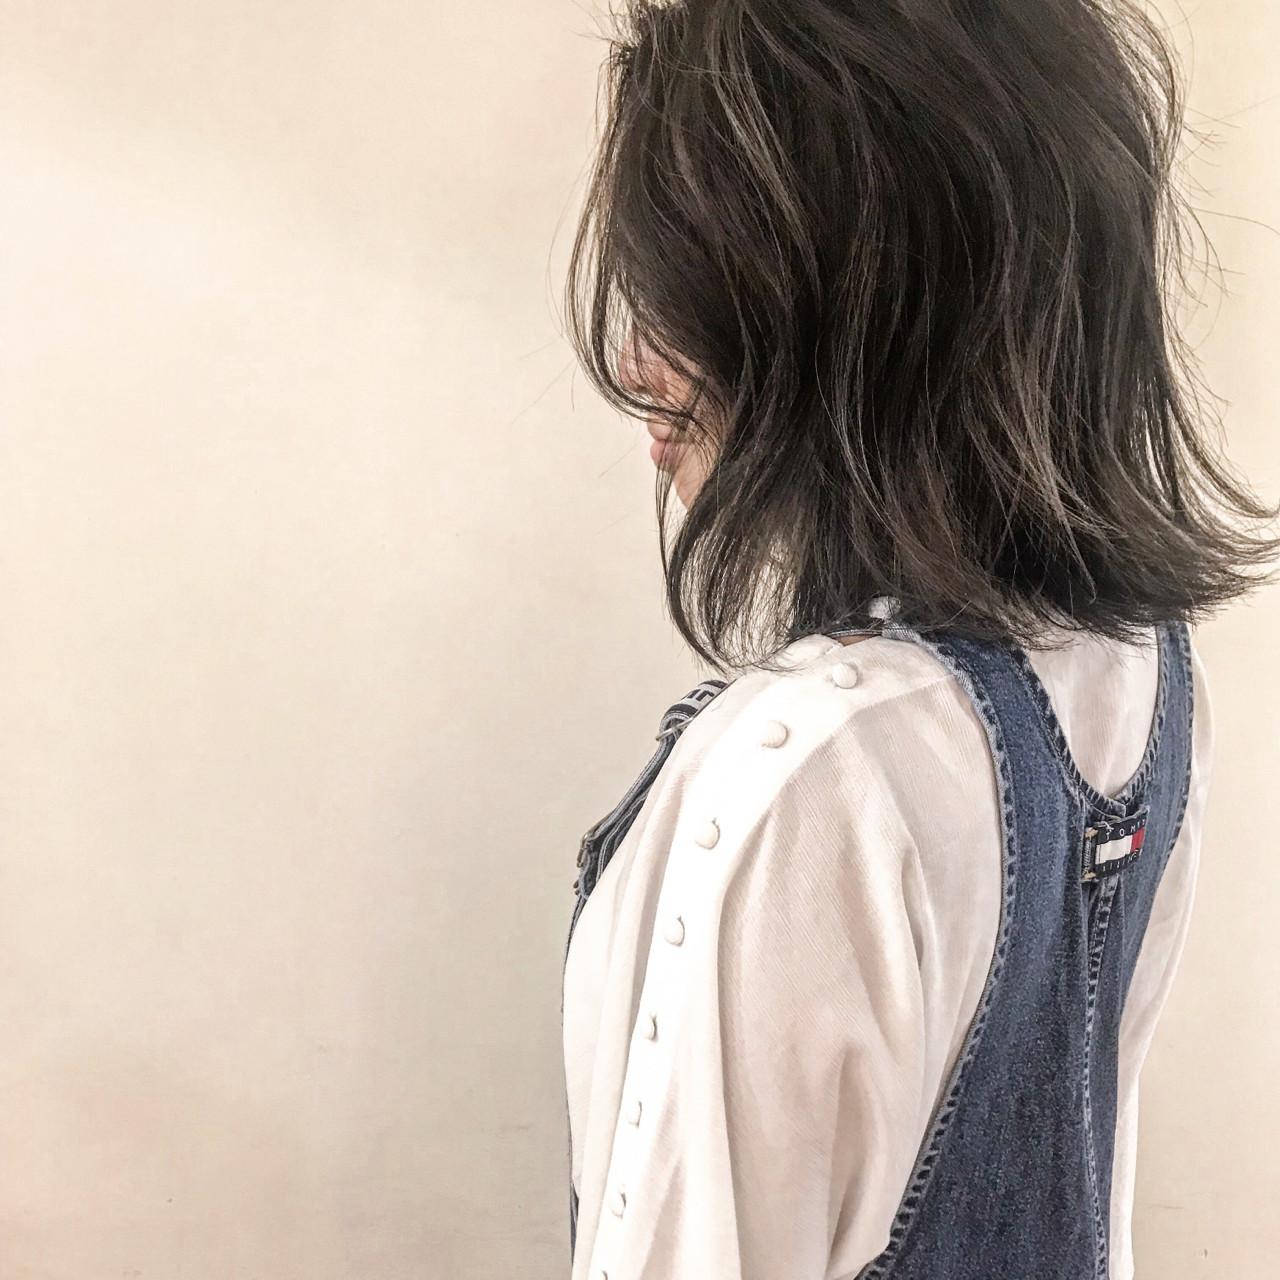 ナチュラル 前髪あり ボブ フェミニン ヘアスタイルや髪型の写真・画像 | yumiko/sapporoSKNOW / SKNOW